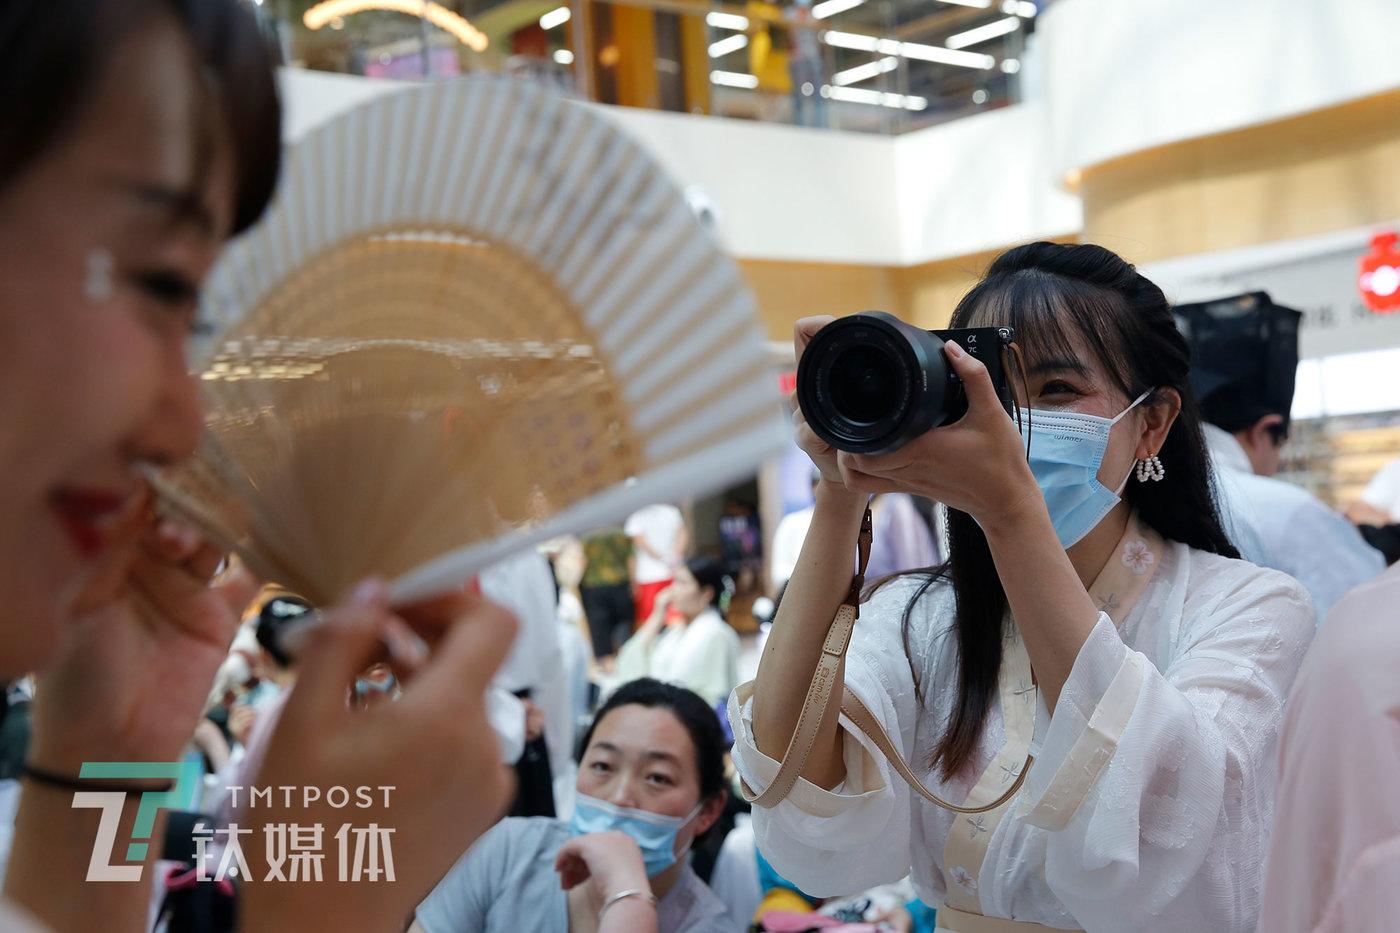 张弘一在汉服活动现场跟拍采访对象。